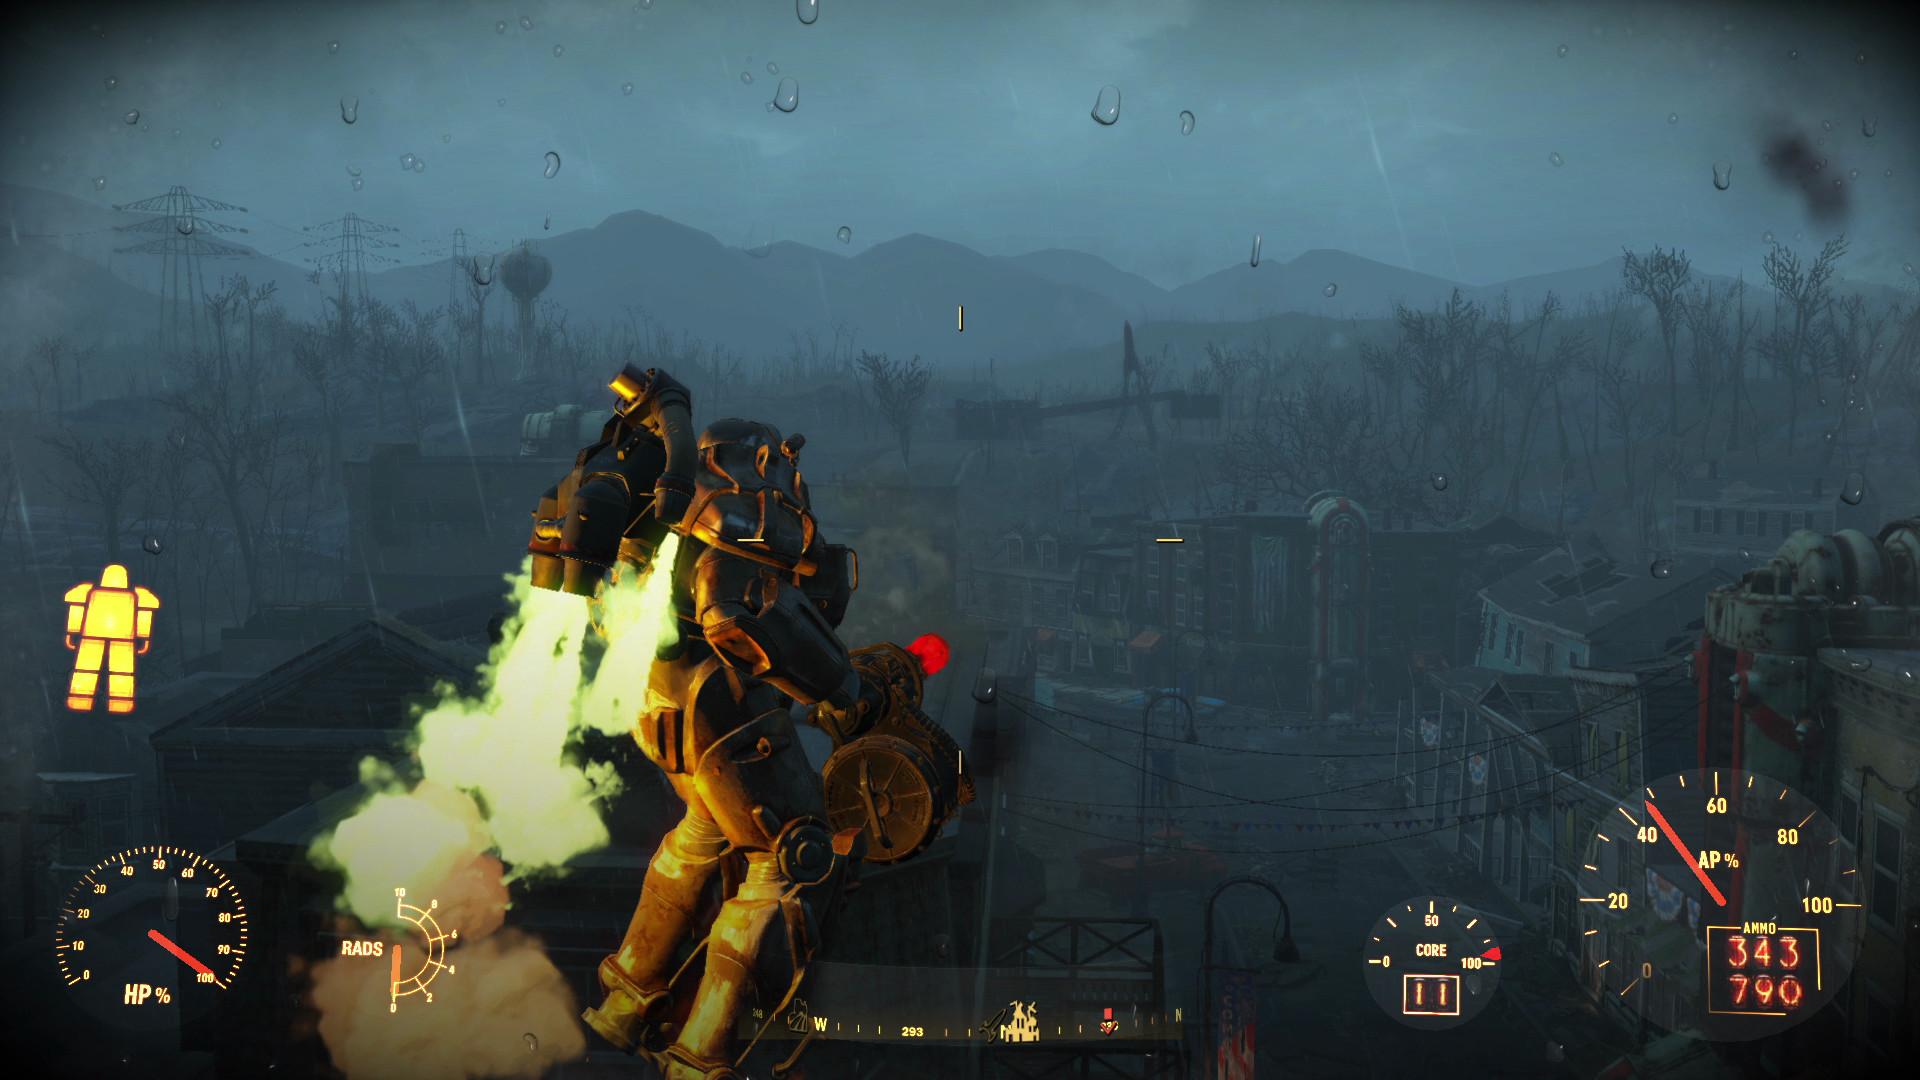 Fallout 4 ESPAÑOL PC Full + Update v1.1.30 (CODEX) + REPACK 5 DVD5 (JPW) 5